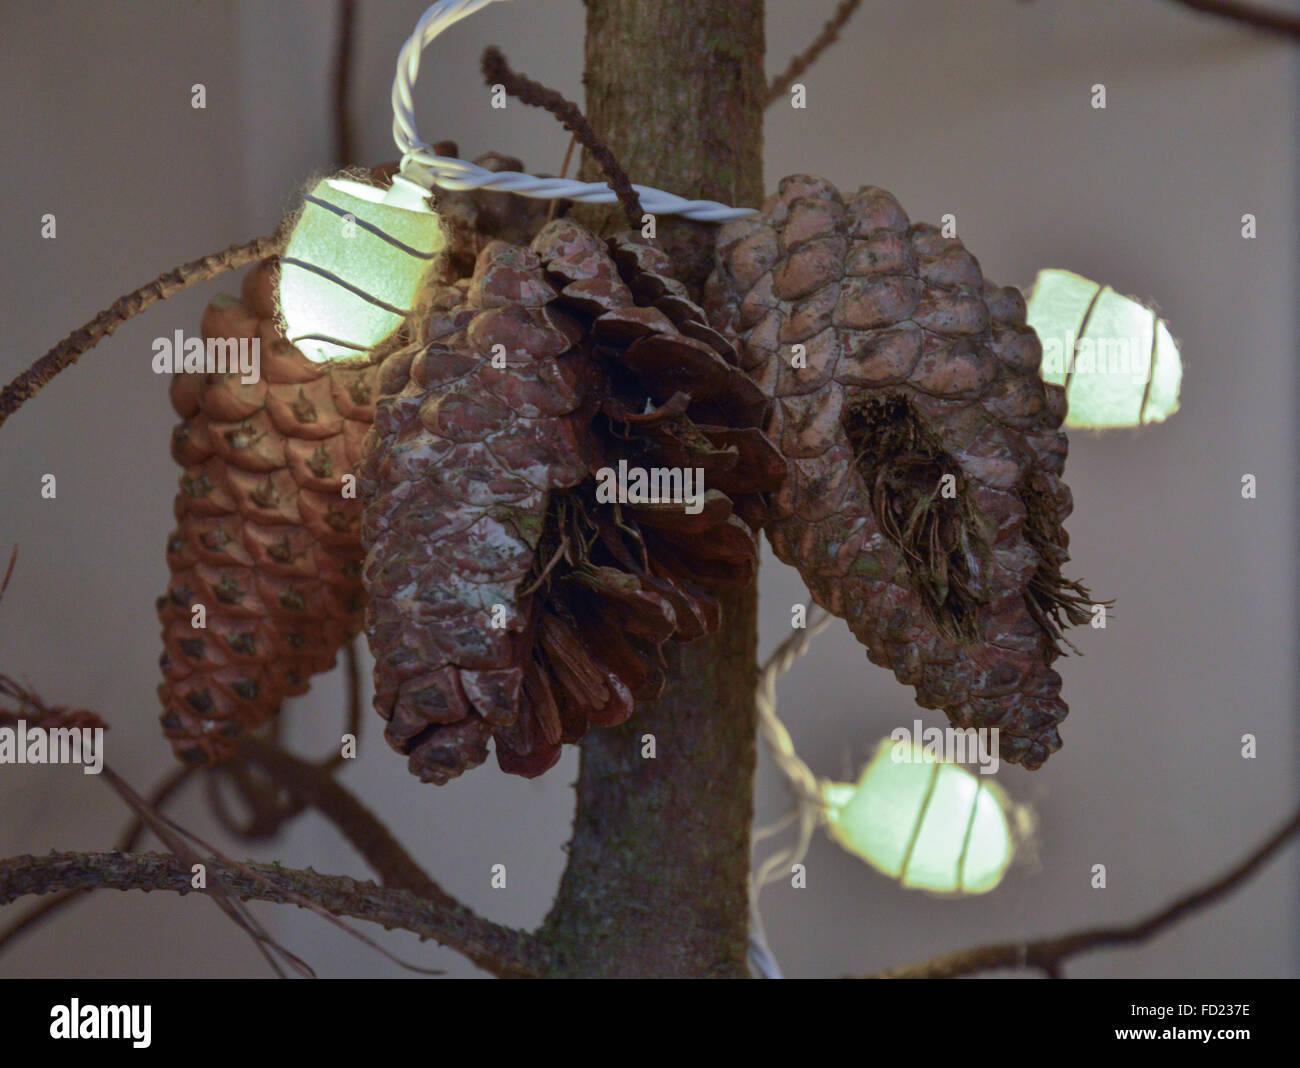 Weihnachtsbeleuchtung Tannenzapfen.Drei 3 Tannenzapfen Auf Einem Ast Mit Beleuchteten Silk Cocoon